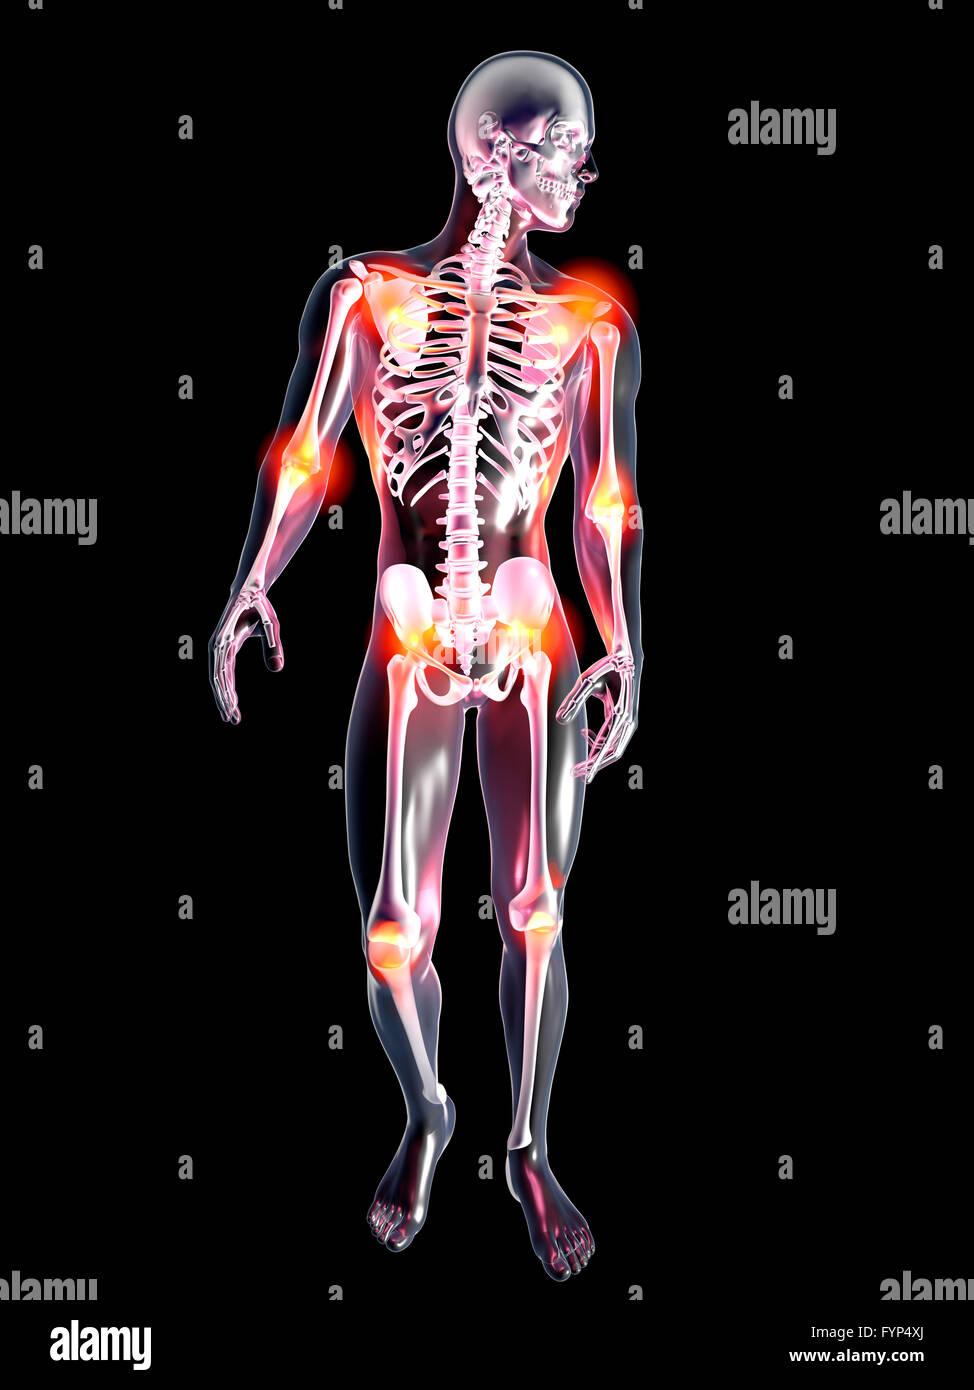 Arthritis Joints Pain Anatomy Male Stock Photos & Arthritis Joints ...